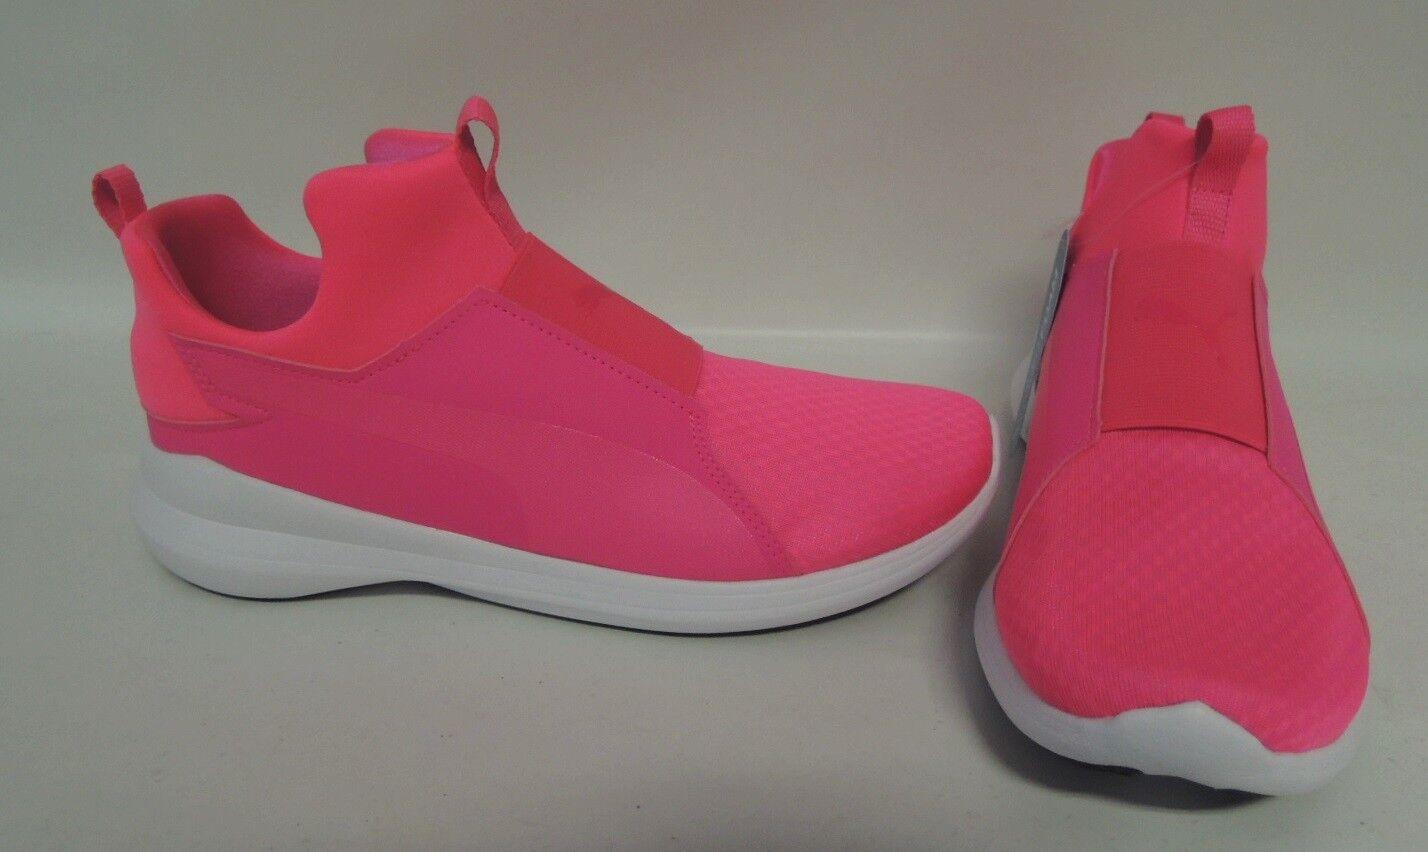 NEU Puma Rebel MD W Gr. 40 Sneaker Schuhe Fitness Workout Schlupf 364539-03